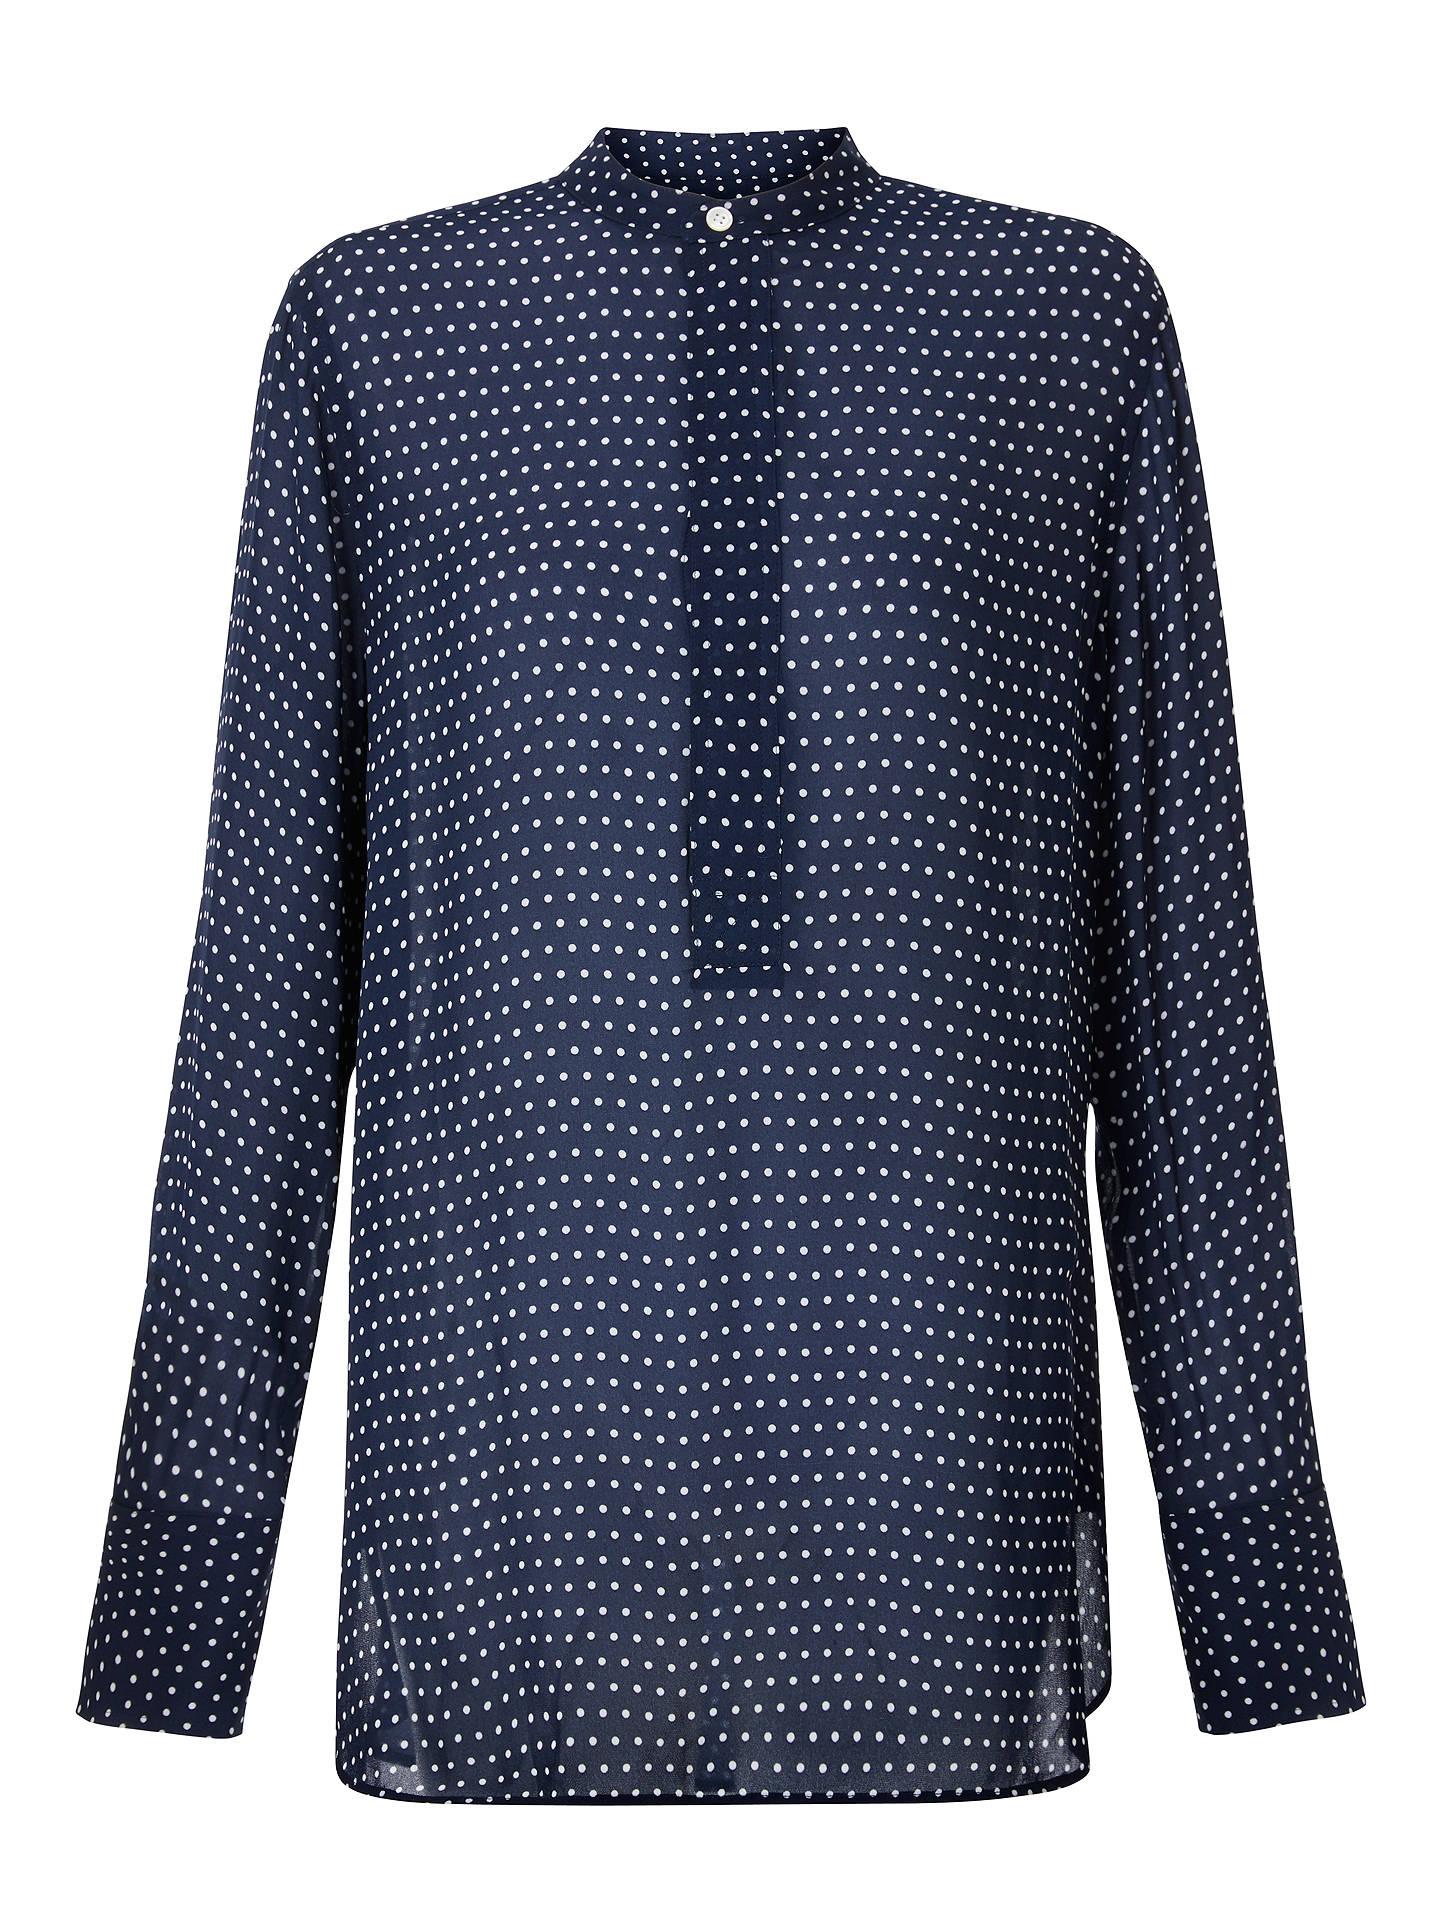 32b2d22ff1c BuyPolo Ralph Lauren Desra Polka Dot Silk Shirt